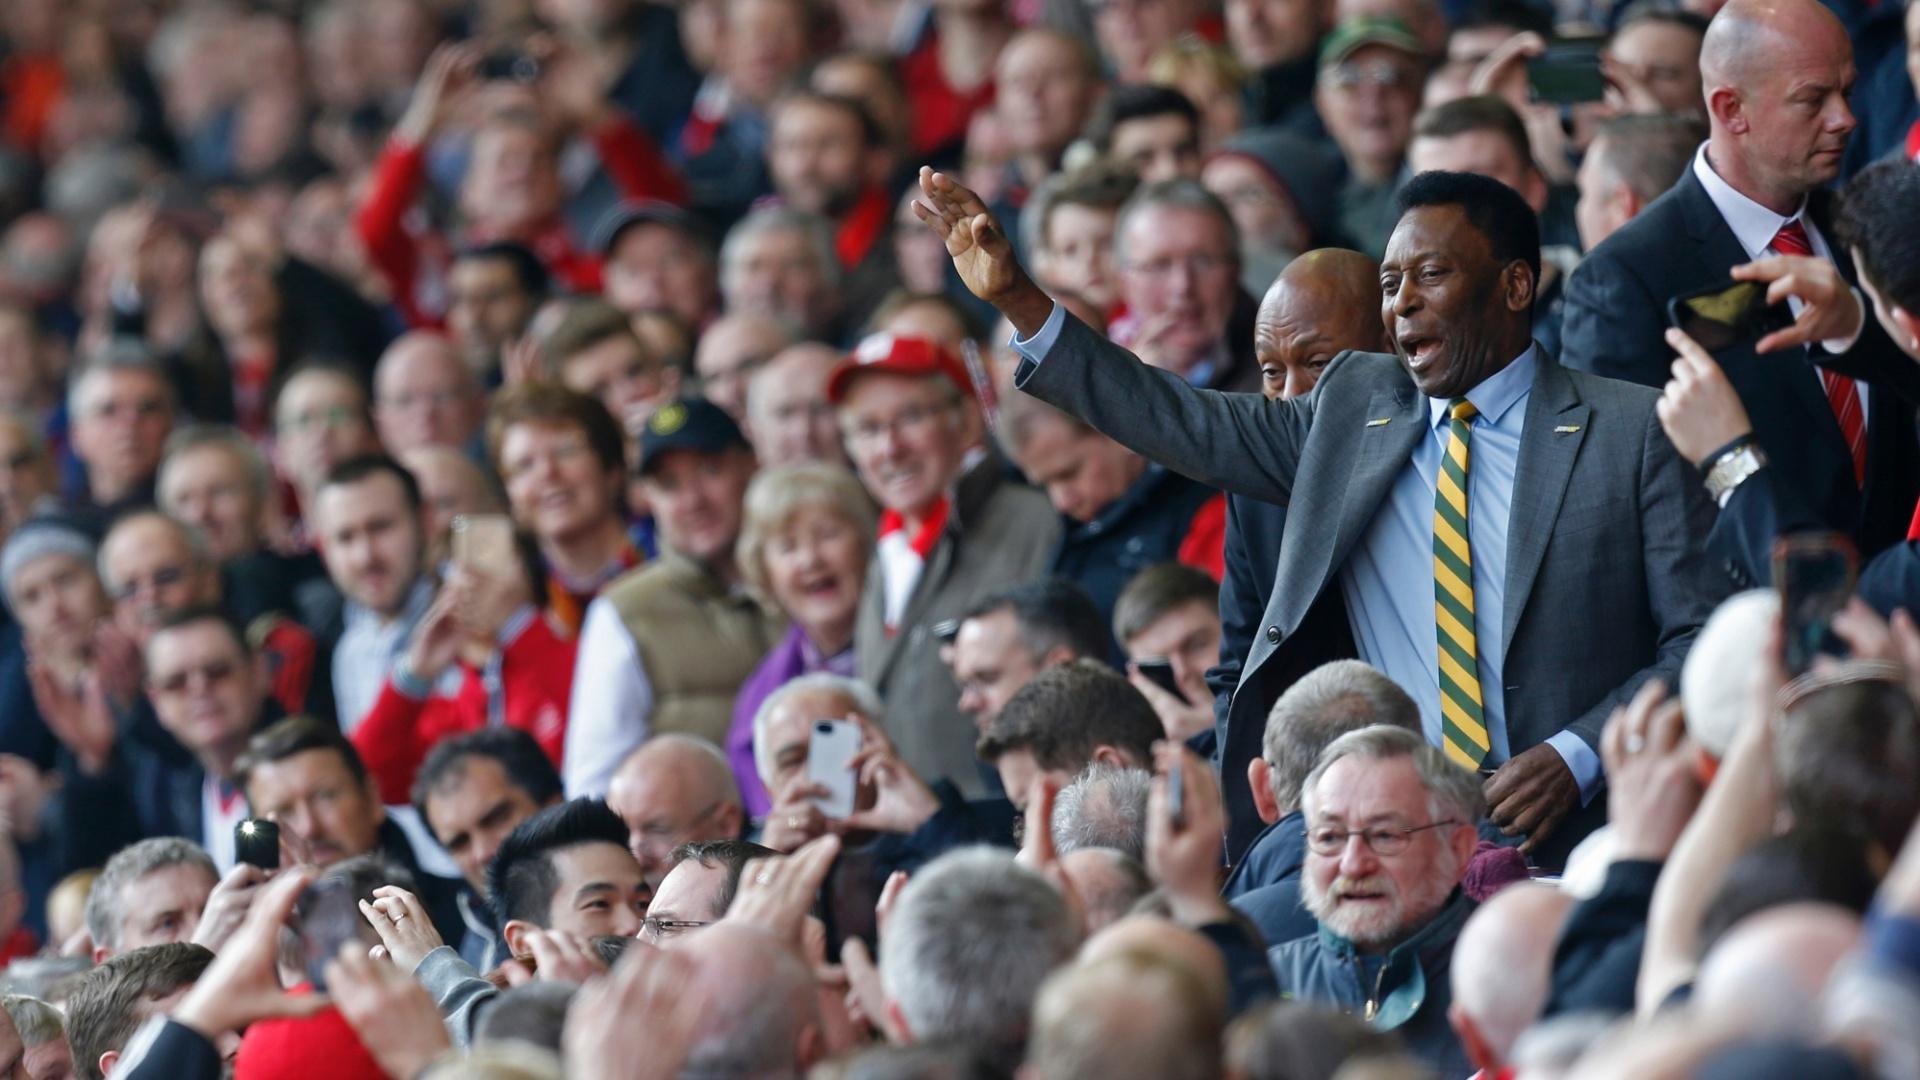 Acompanhando o clássico entre Liverpool e Manchester United, Pelé acena para os fãs em Anfield Road